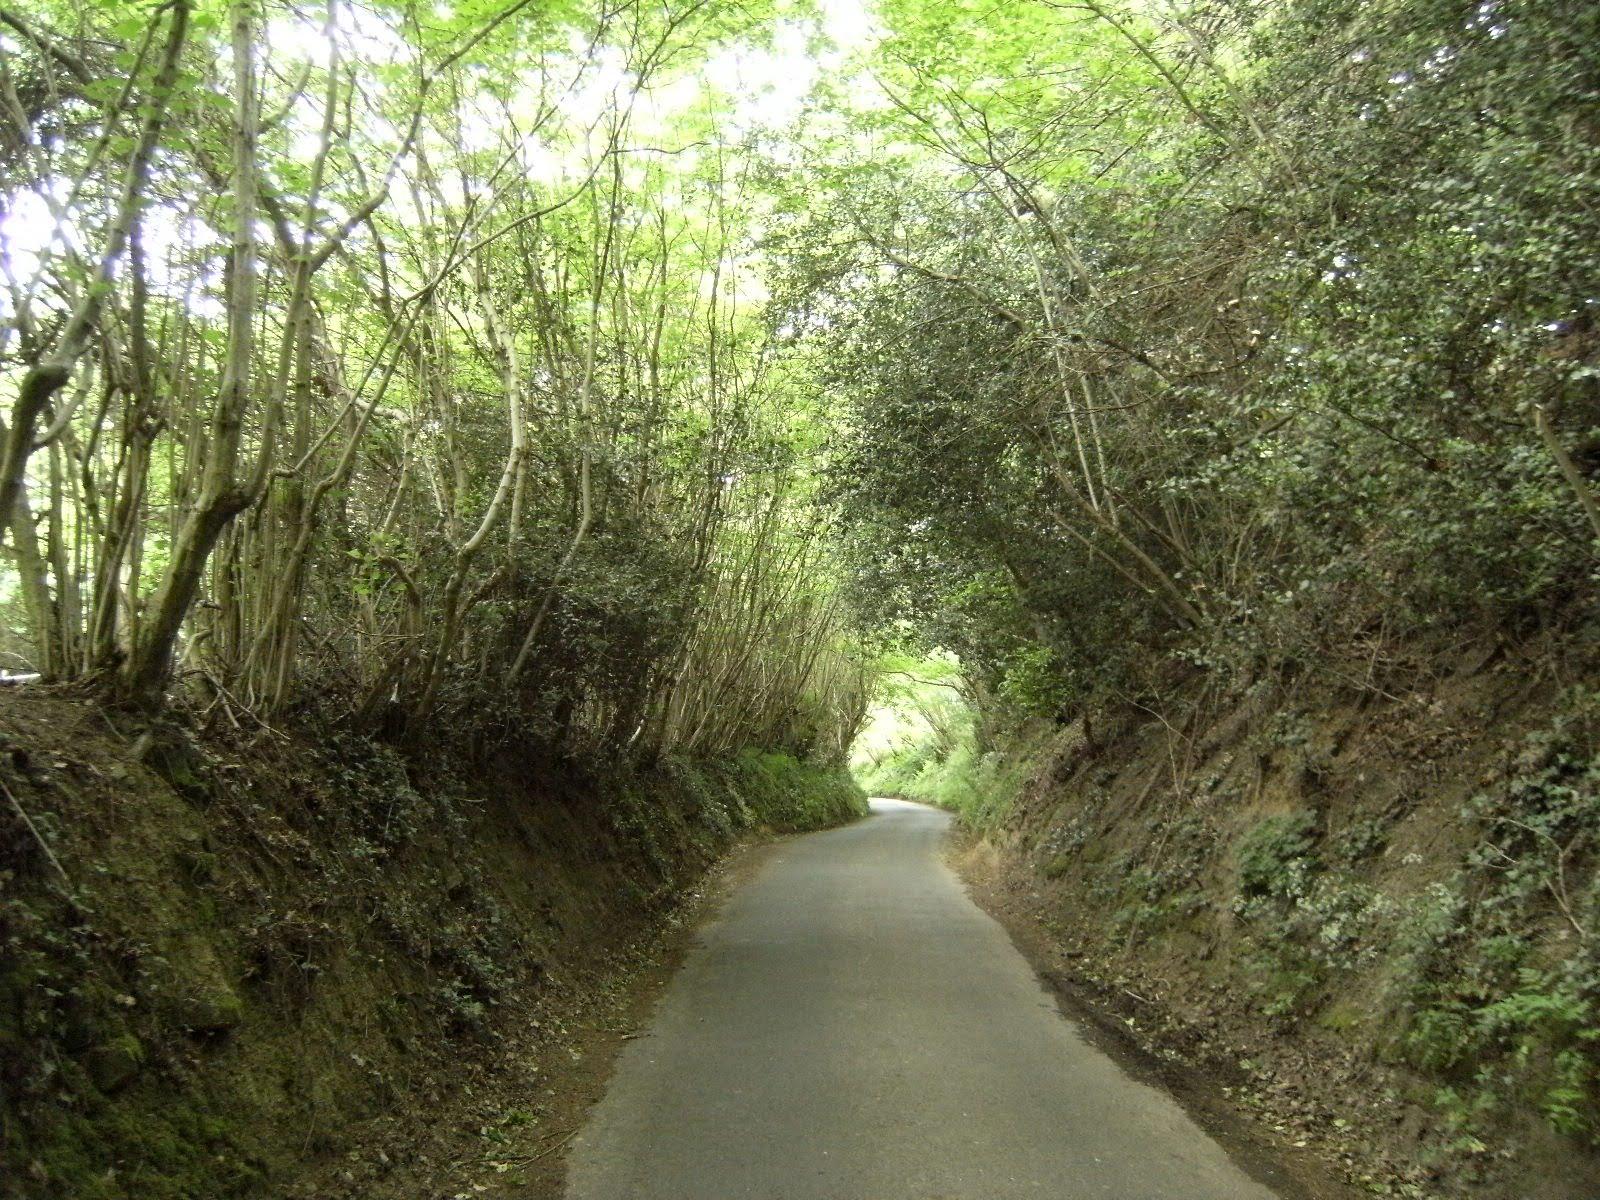 DSCF8004 Sunken road back to Eridge station